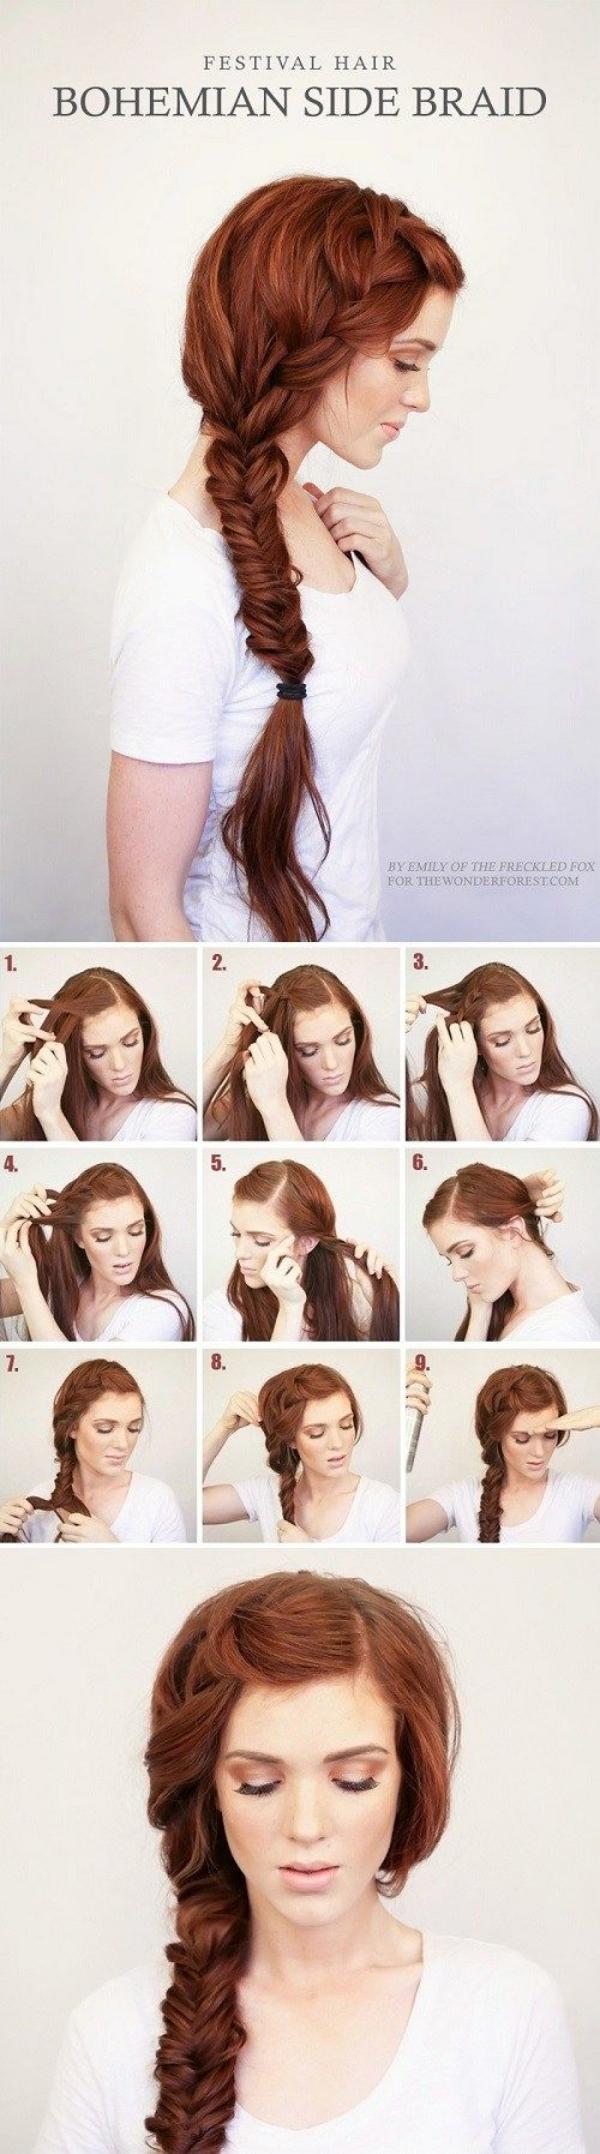 5 Braid Frisuren, diesen Sommer (mit Tutorial) zu versuchen